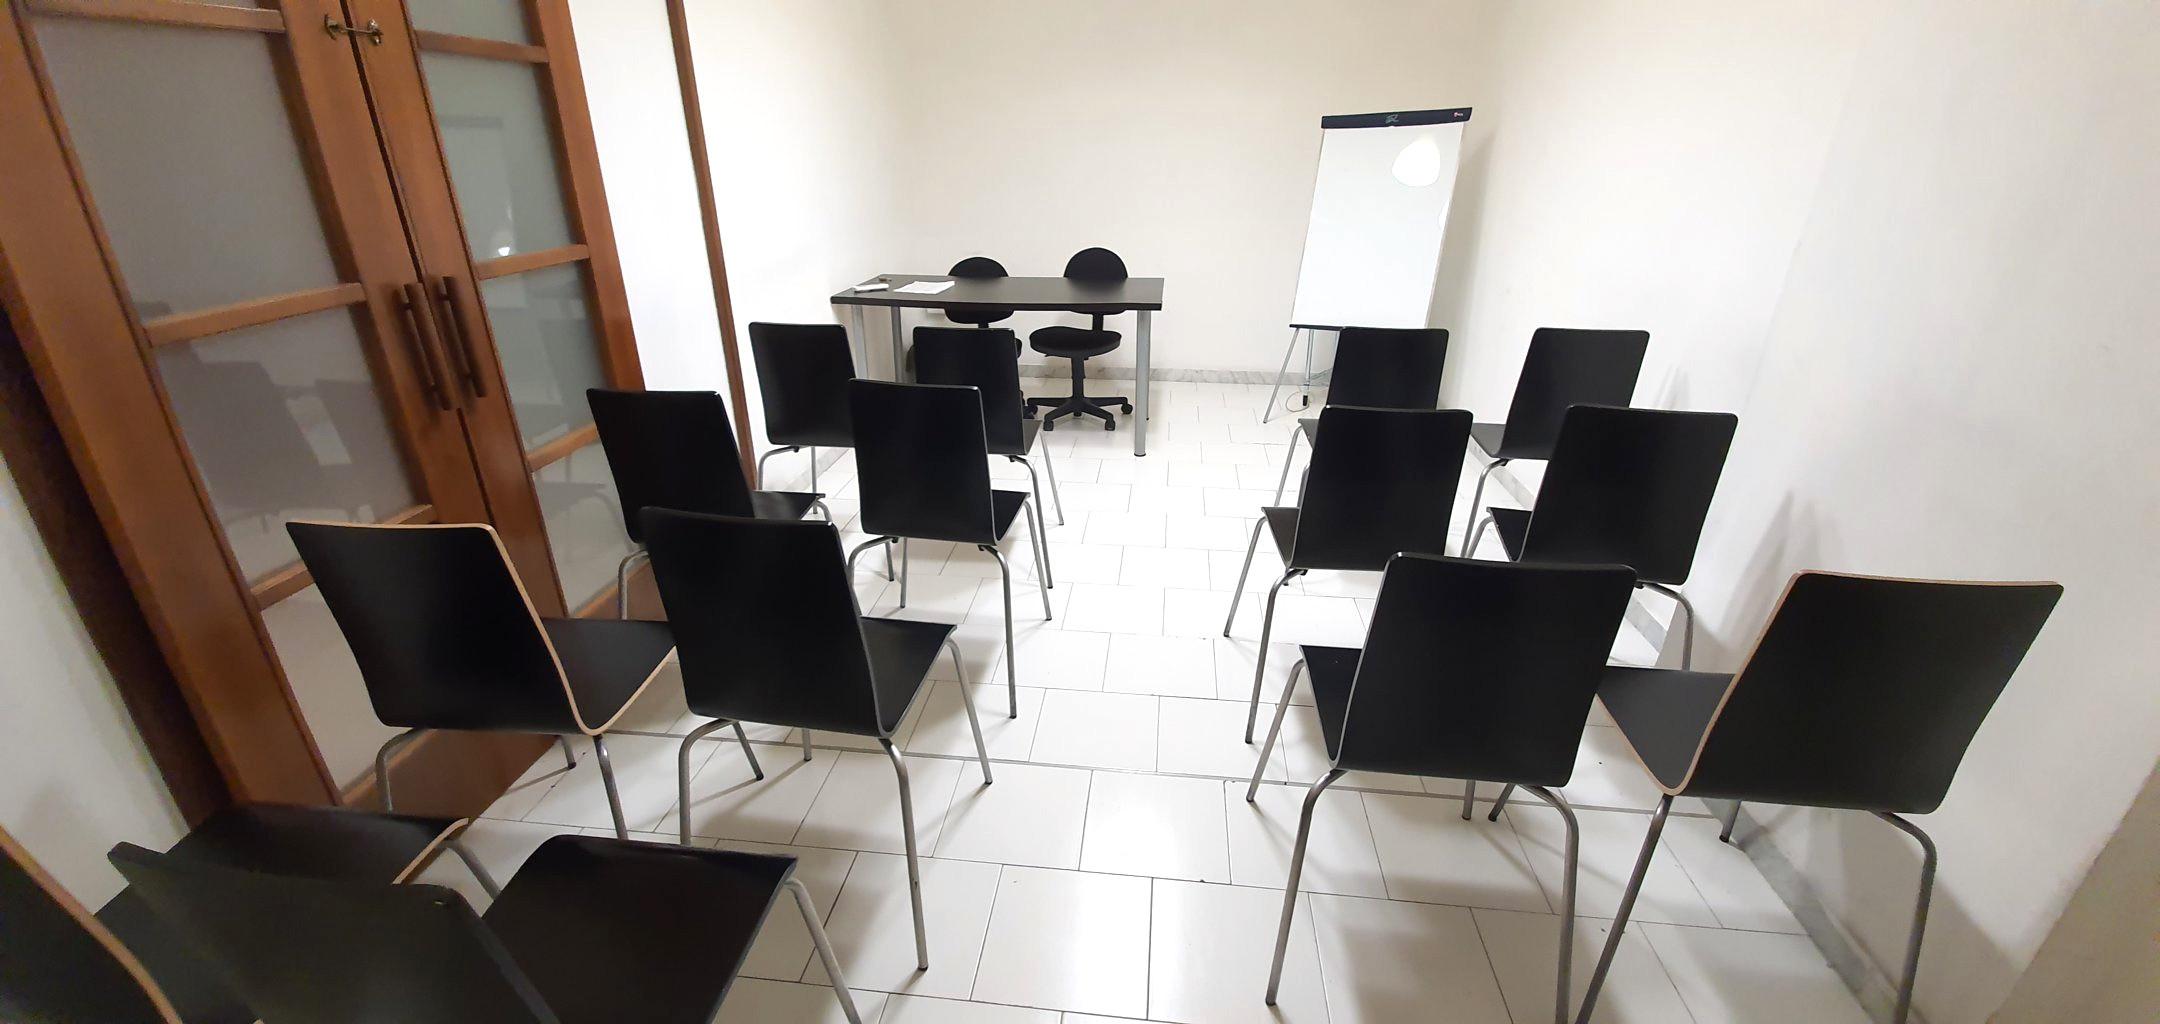 Napoli affitto sala riunioni euro 49 giorno